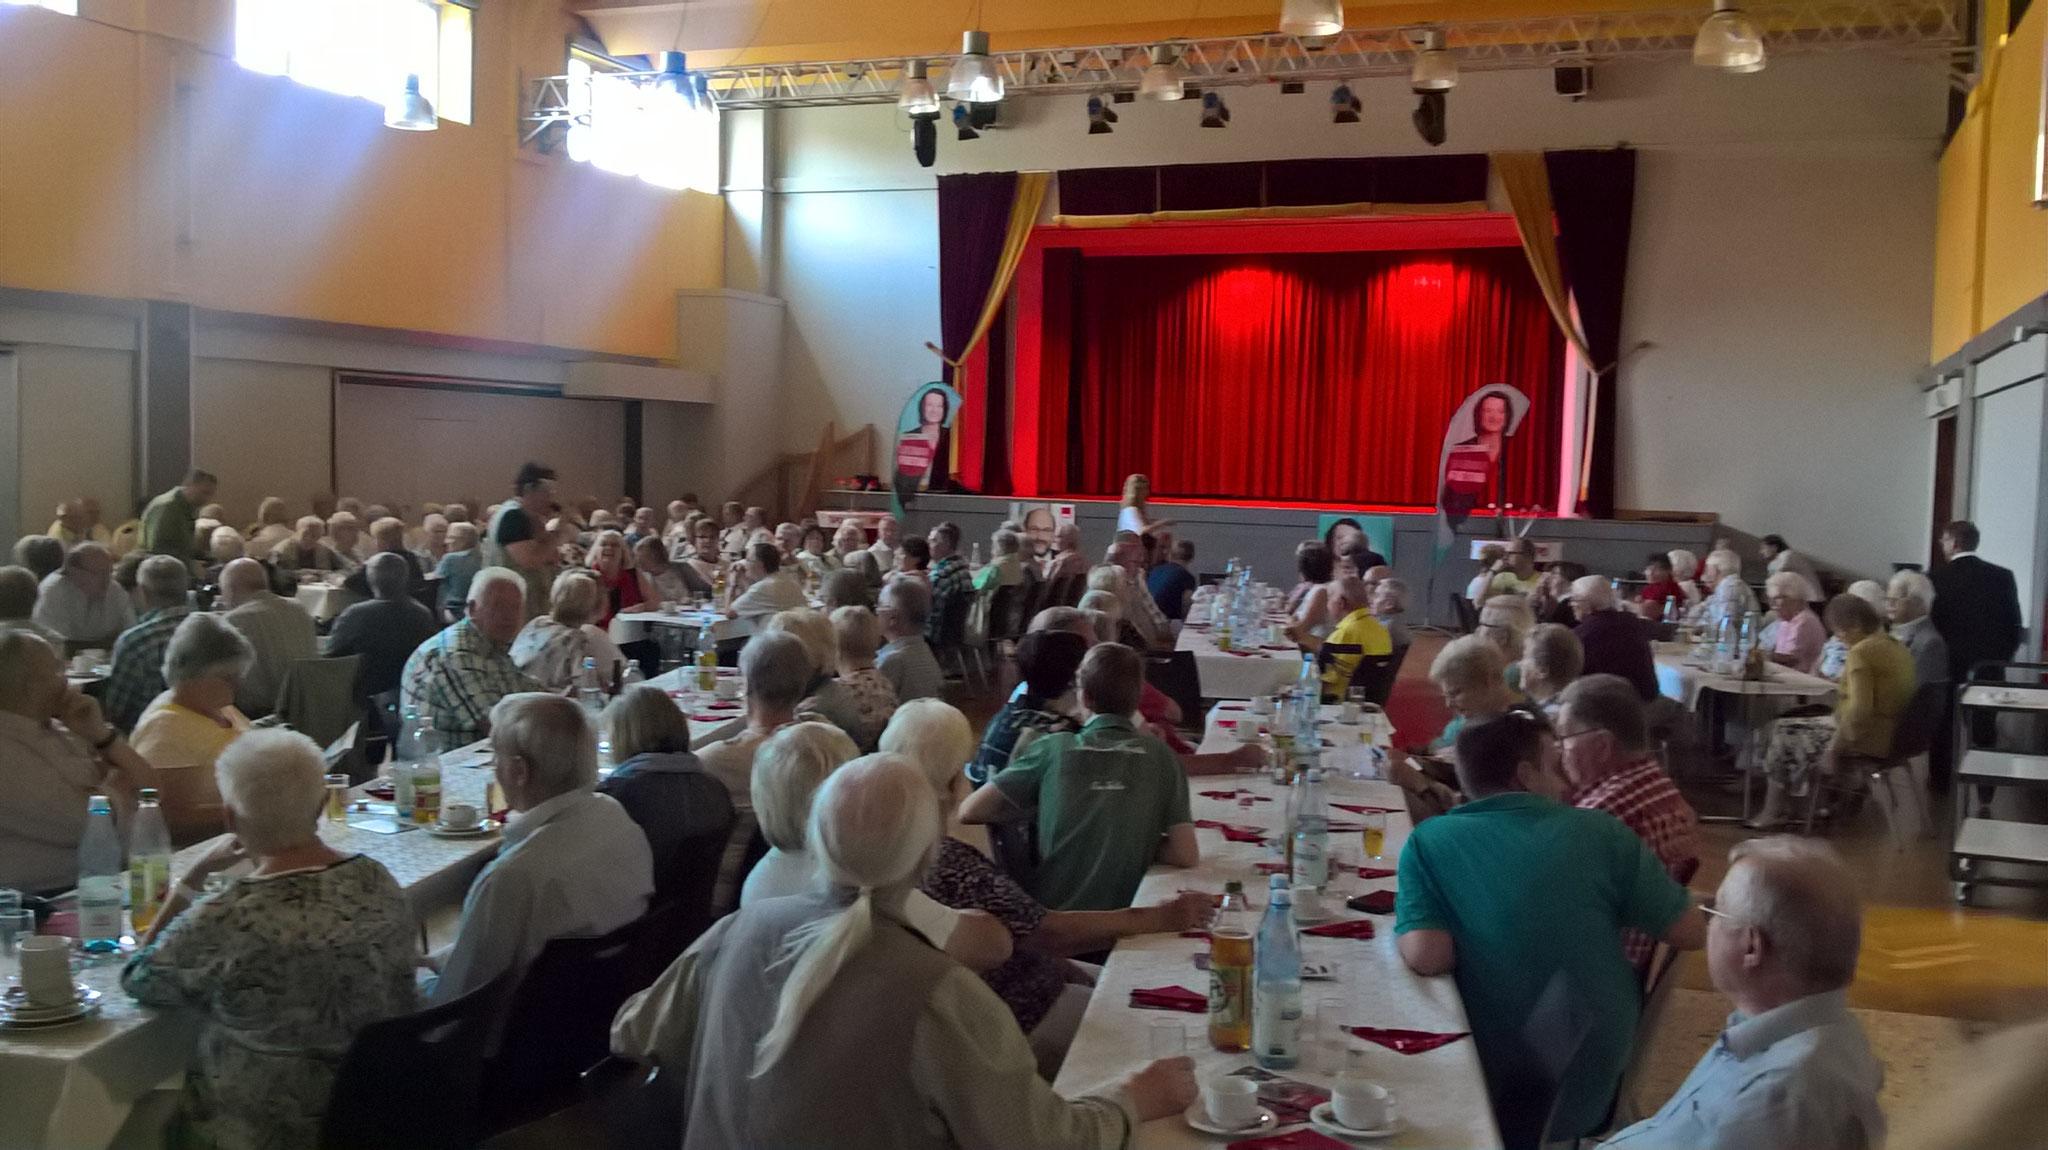 Der Saal platzt aus allen Nähten (ca.200 Personen)